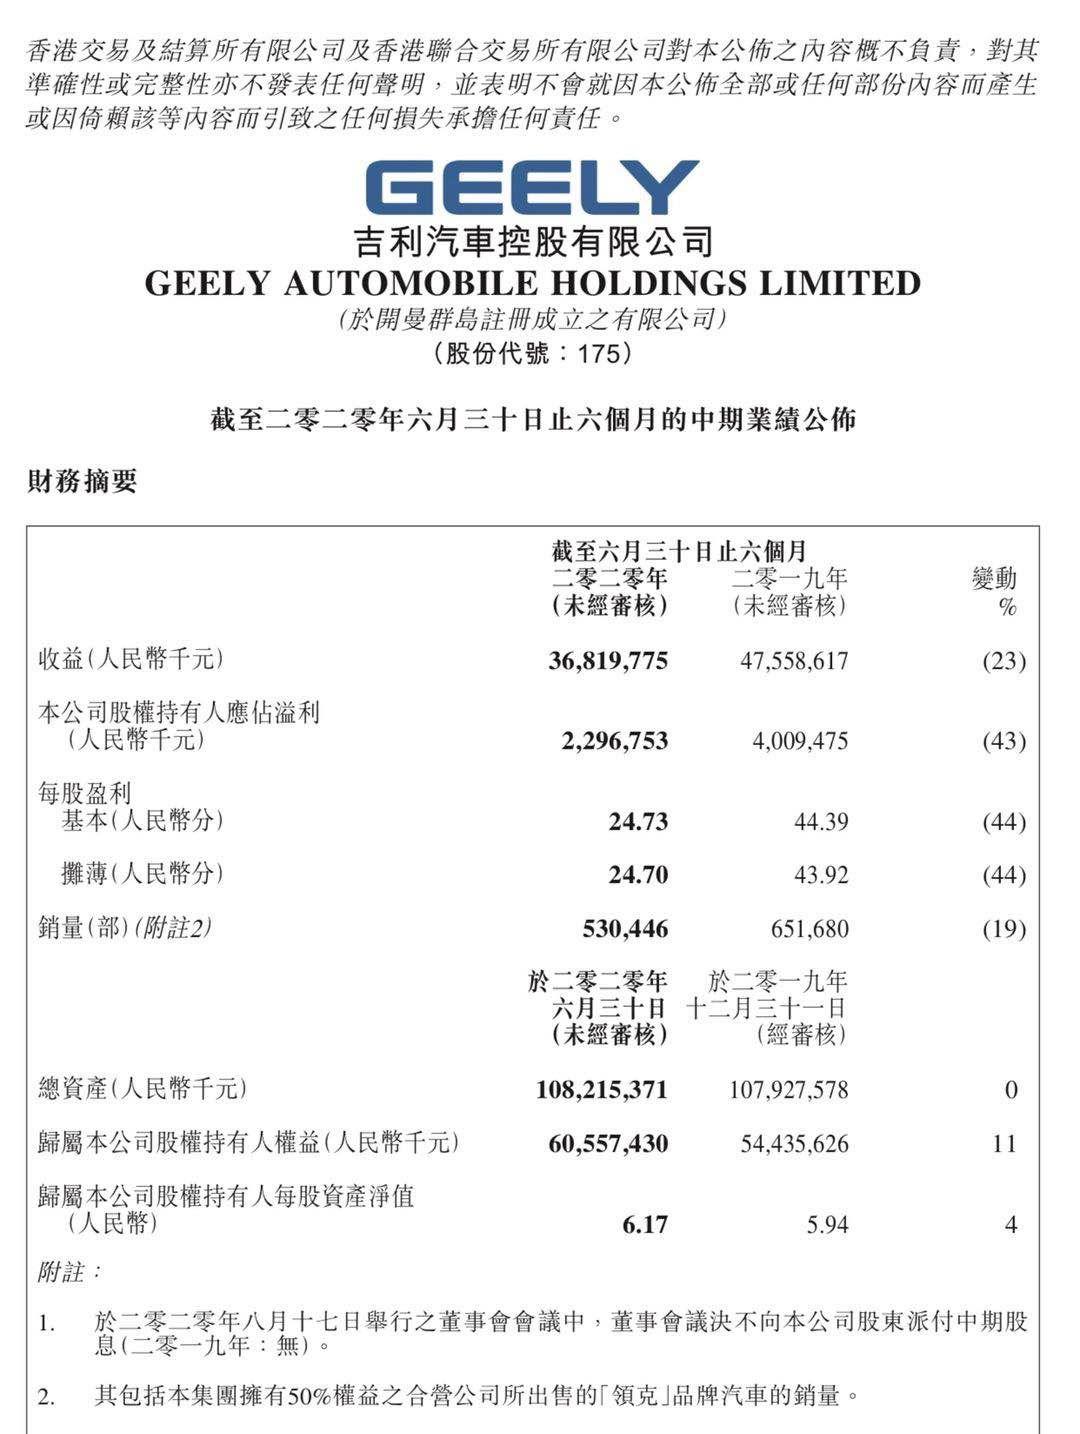 吉利汽车:上半年净利润为22.97亿元 同比下降43%